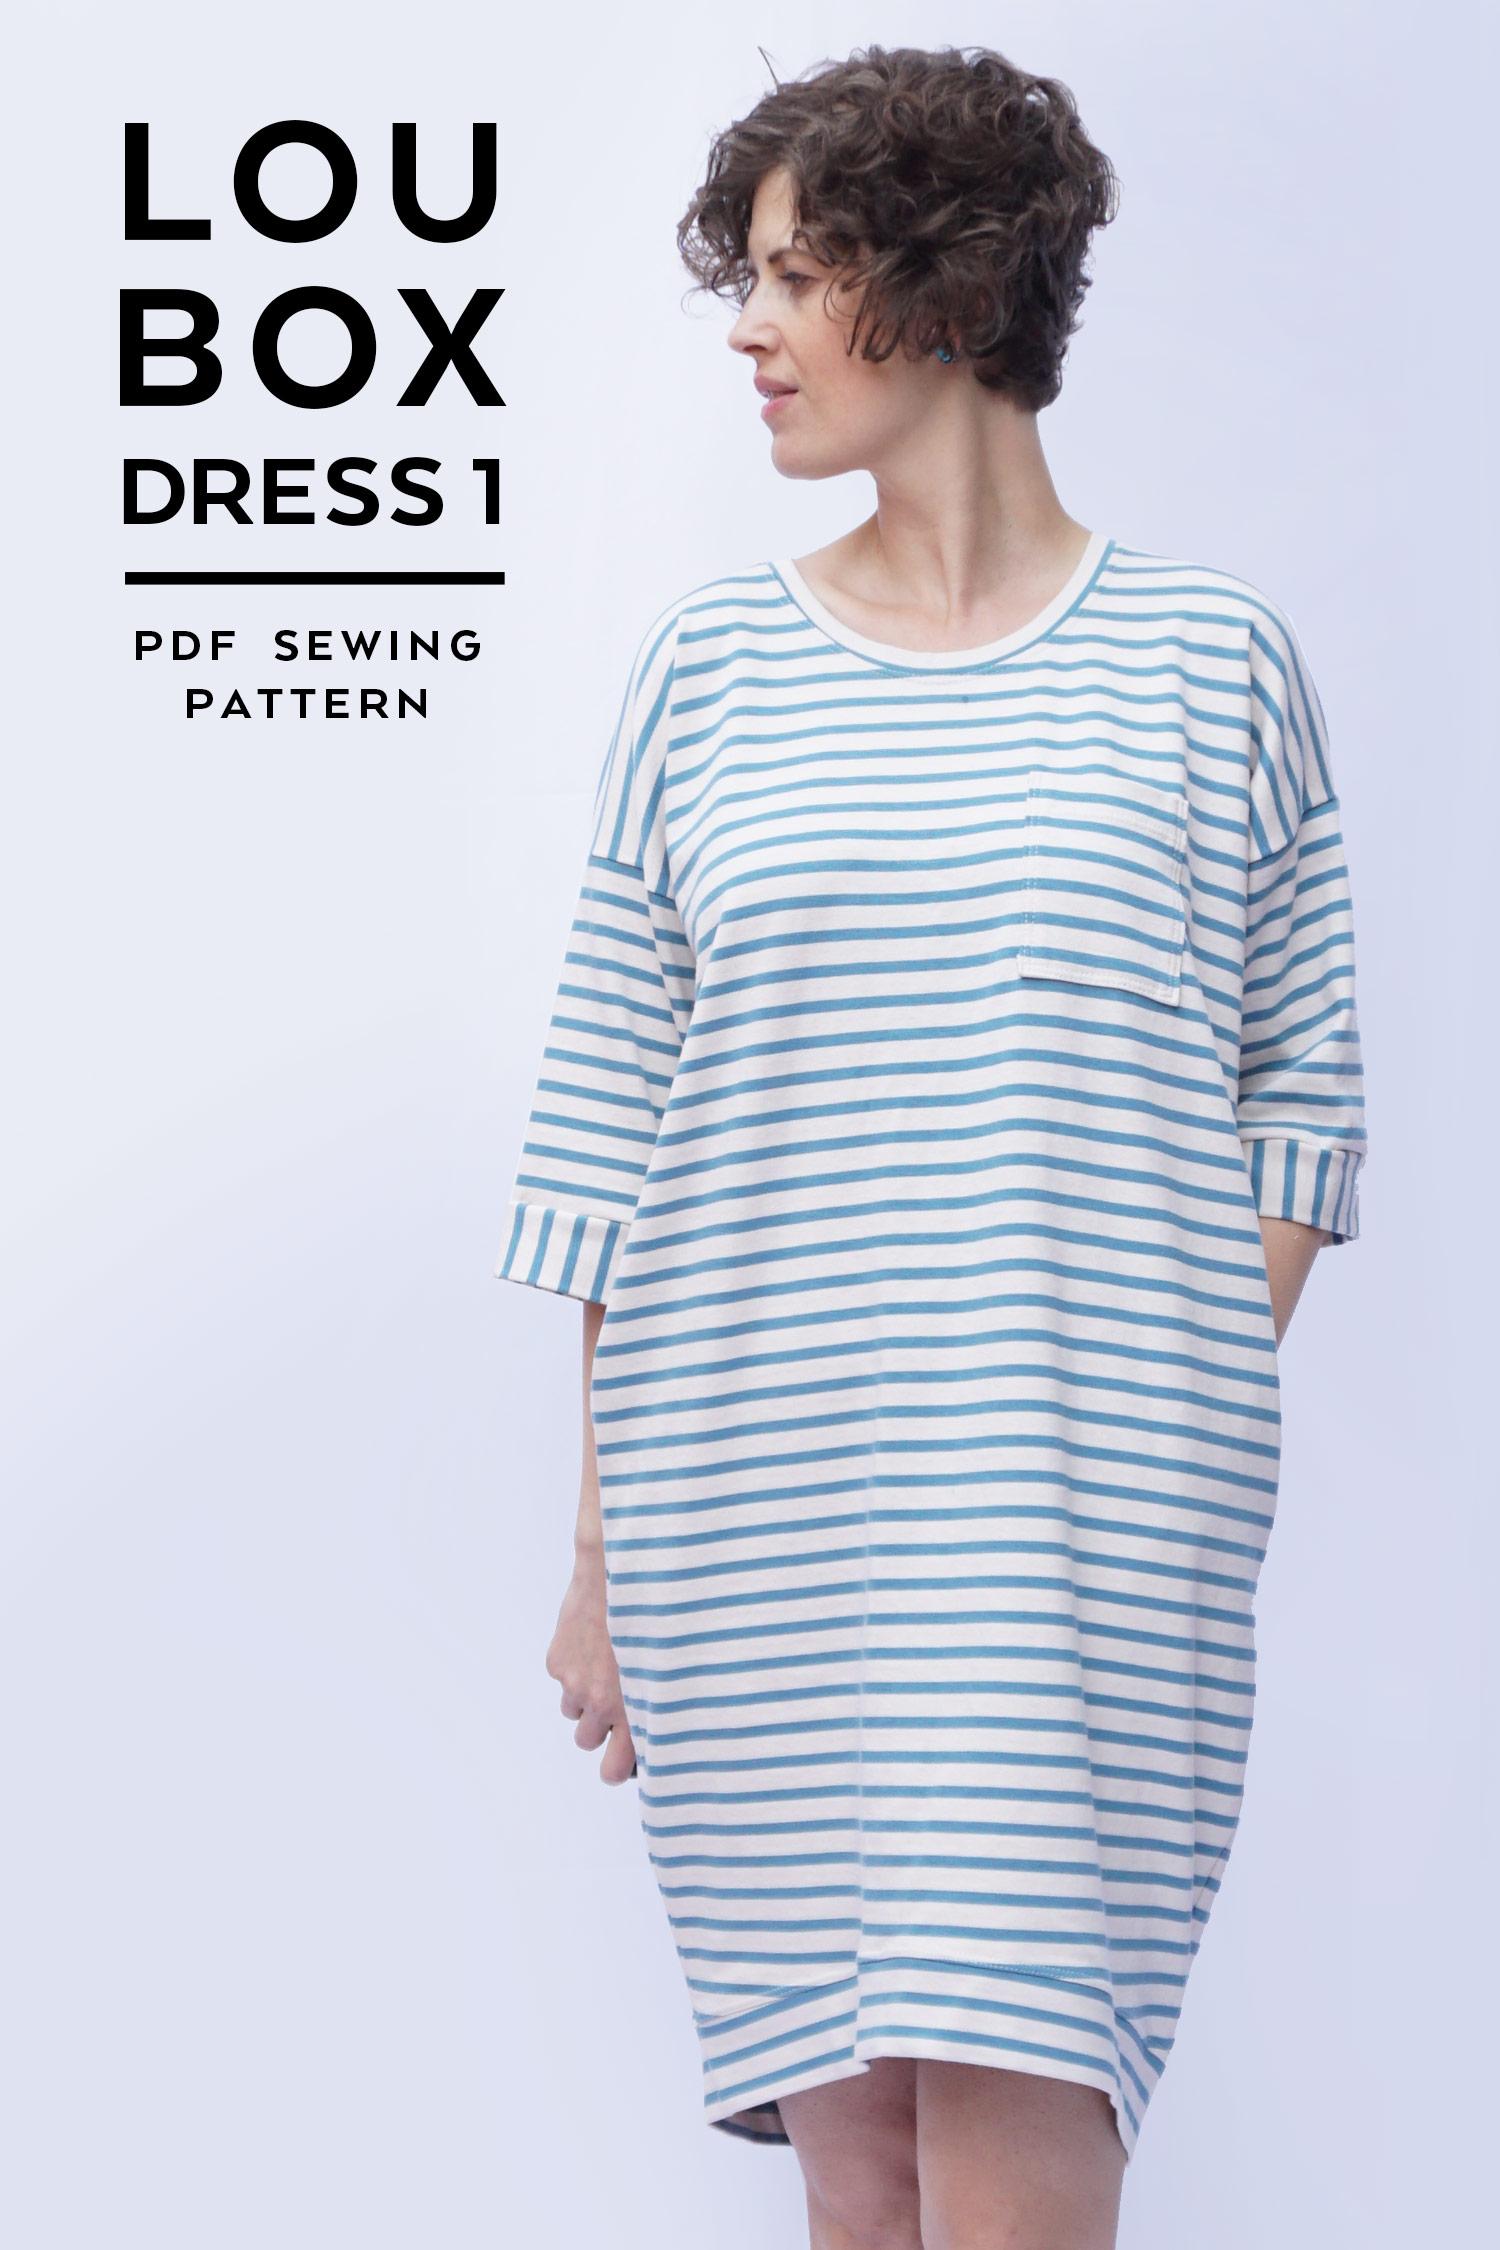 Introducing the Lou Box Dress 1   Sew DIY